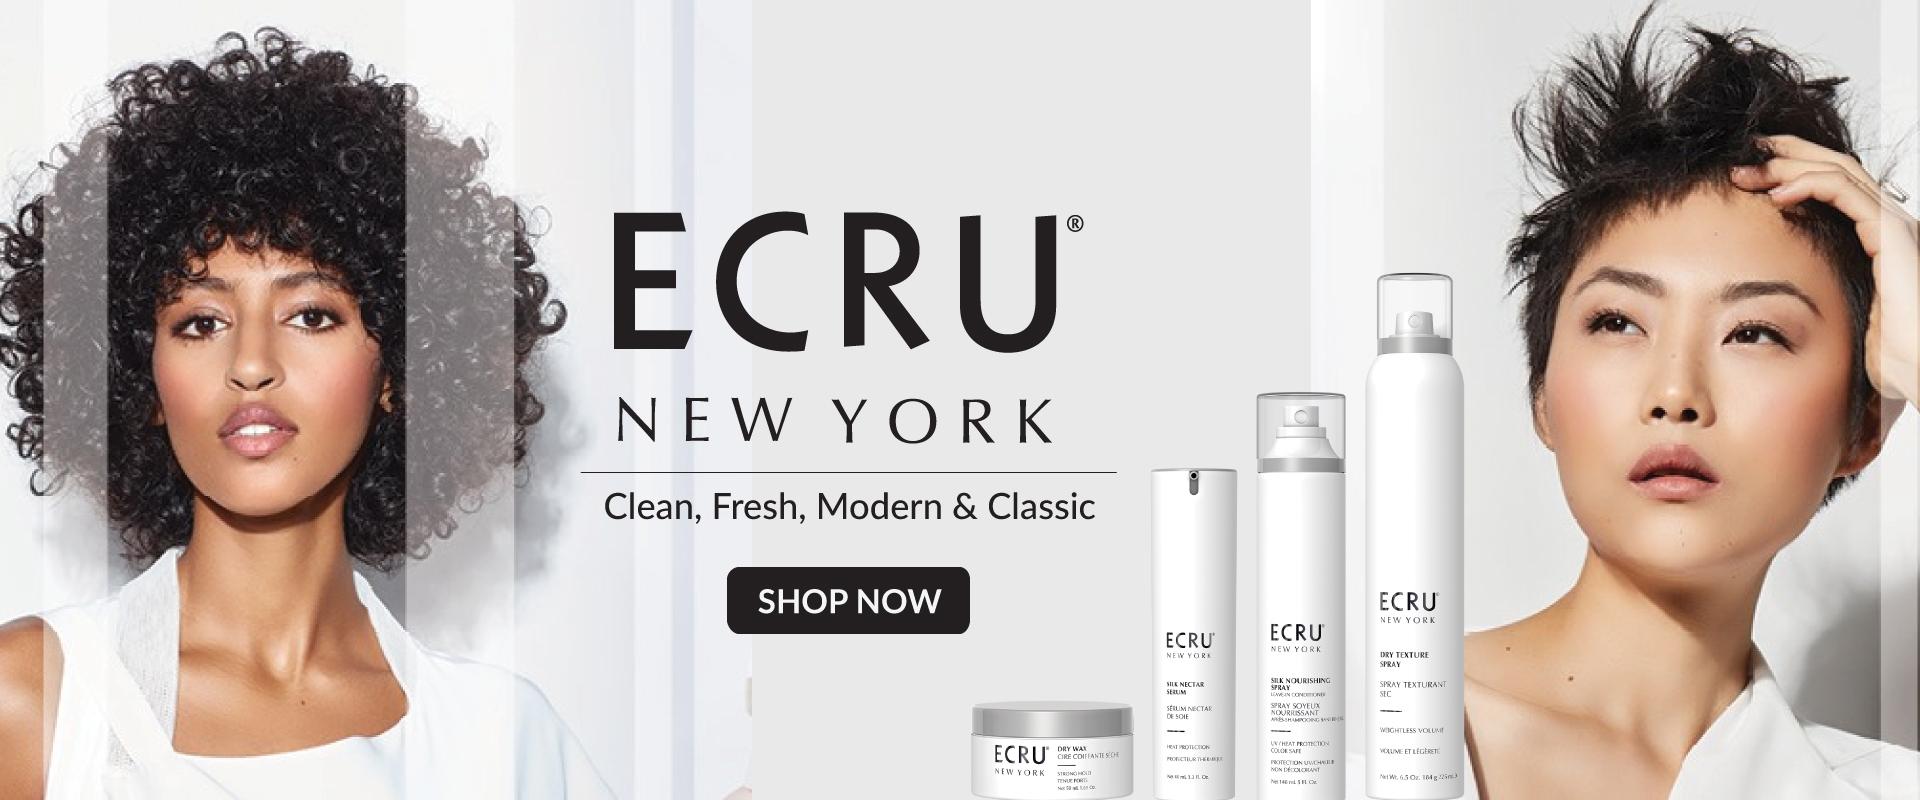 Ecru New